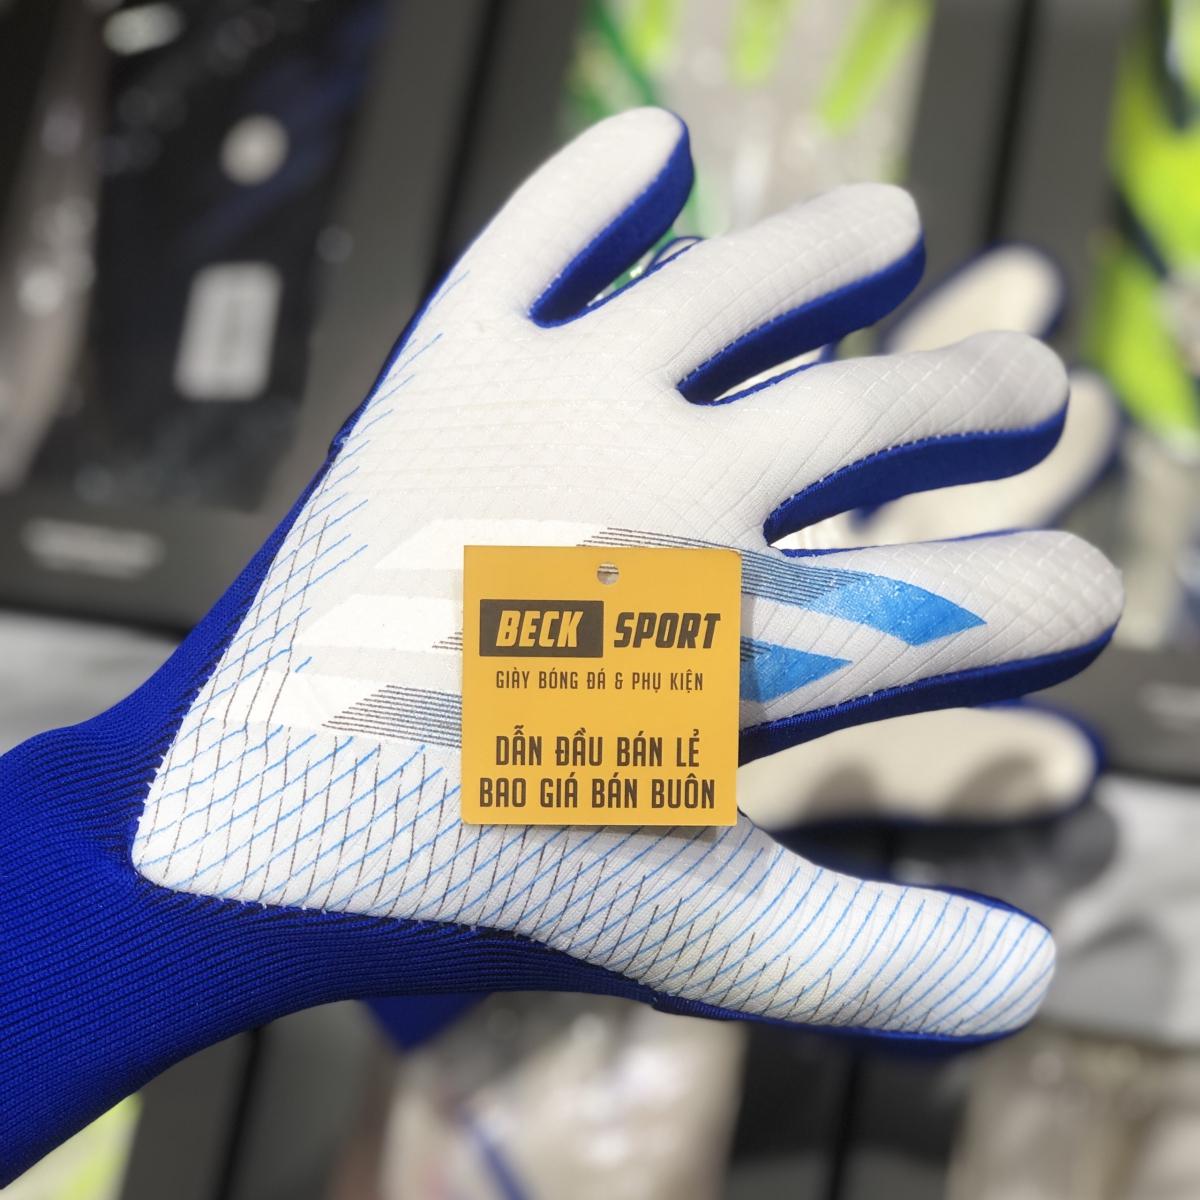 Găng Tay Adidas X Pro Trắng Xanh Biển Vạch Đen (Không Xương)